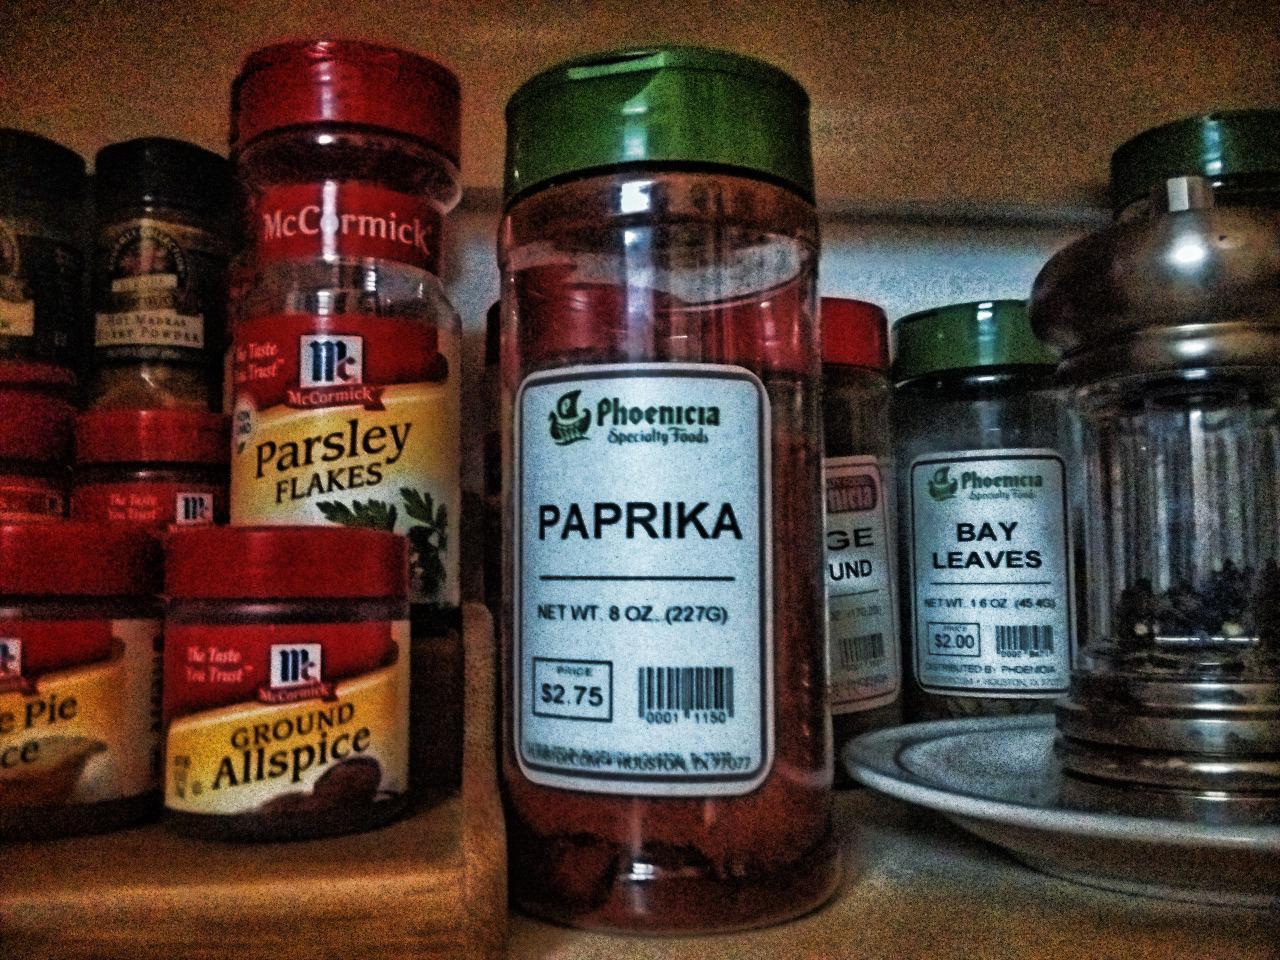 221/365 Paprika